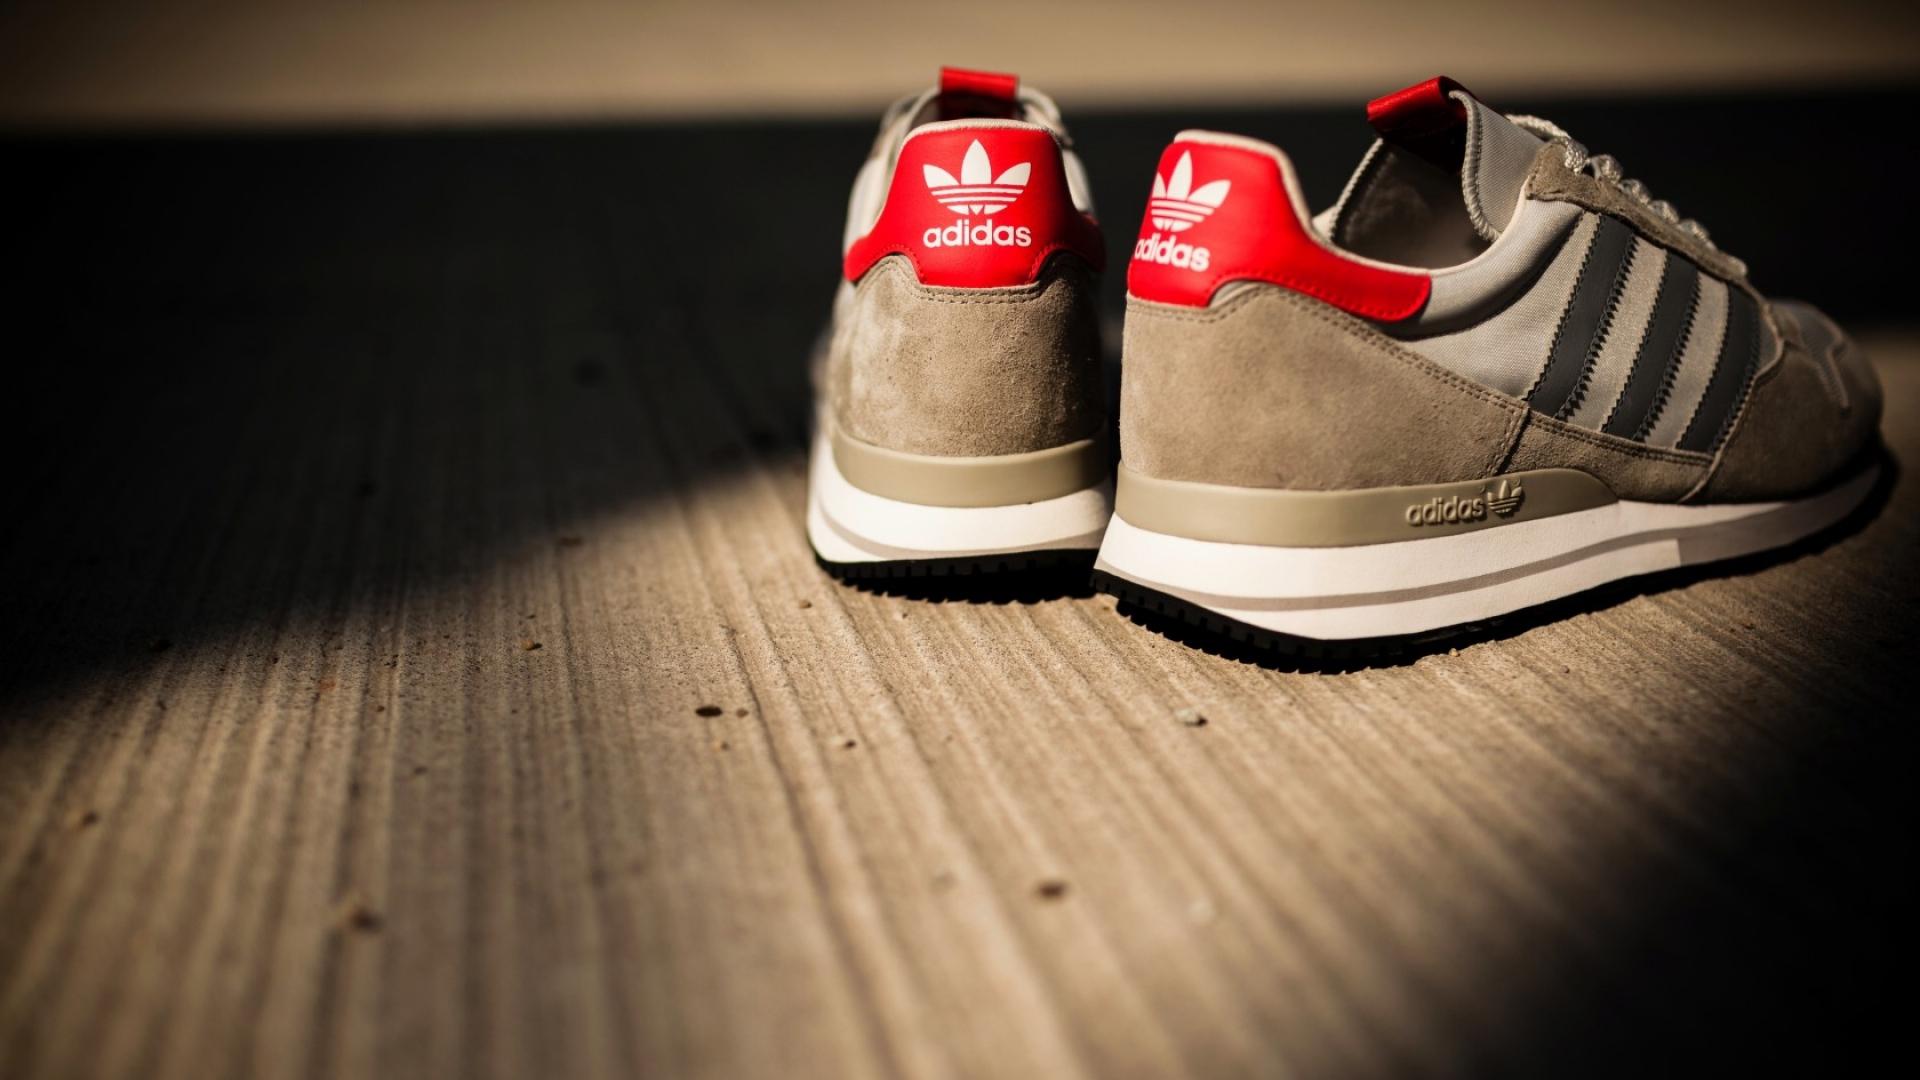 Download Wallpaper 1920x1080 adidas, originals, shoes ...